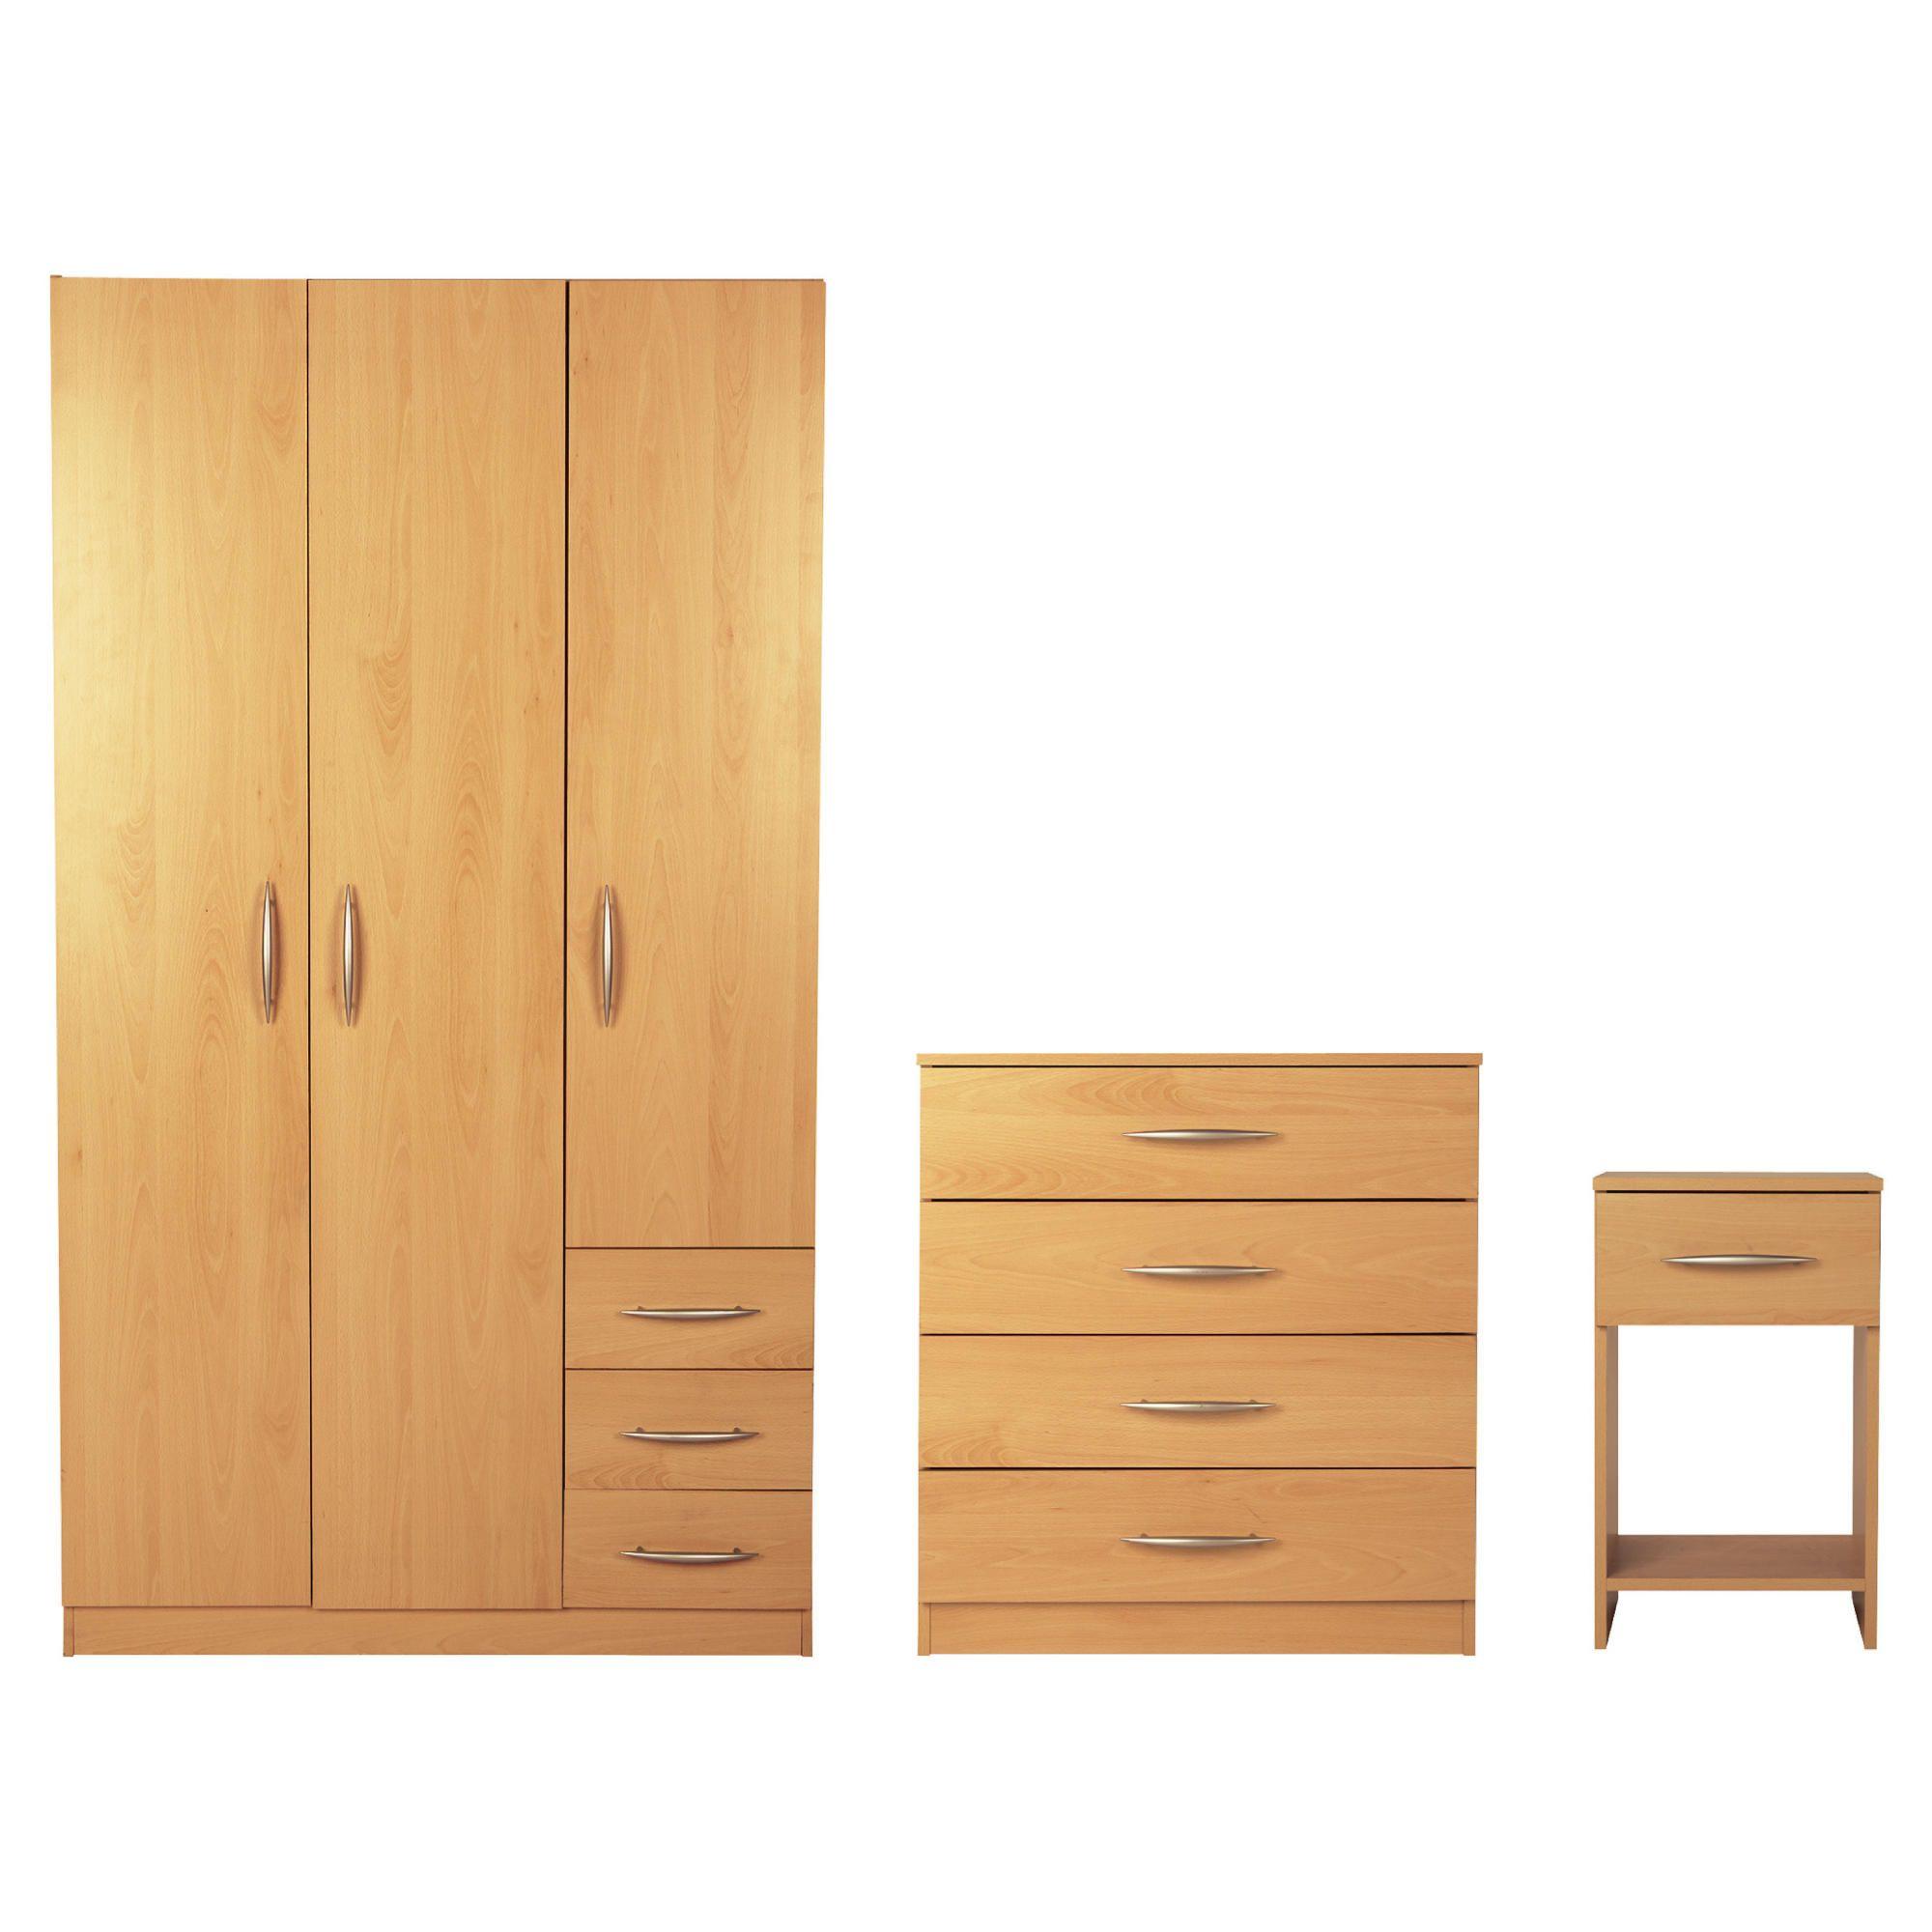 Beech beds and beech bed frames shop beech furniture uk for Beech bedroom furniture